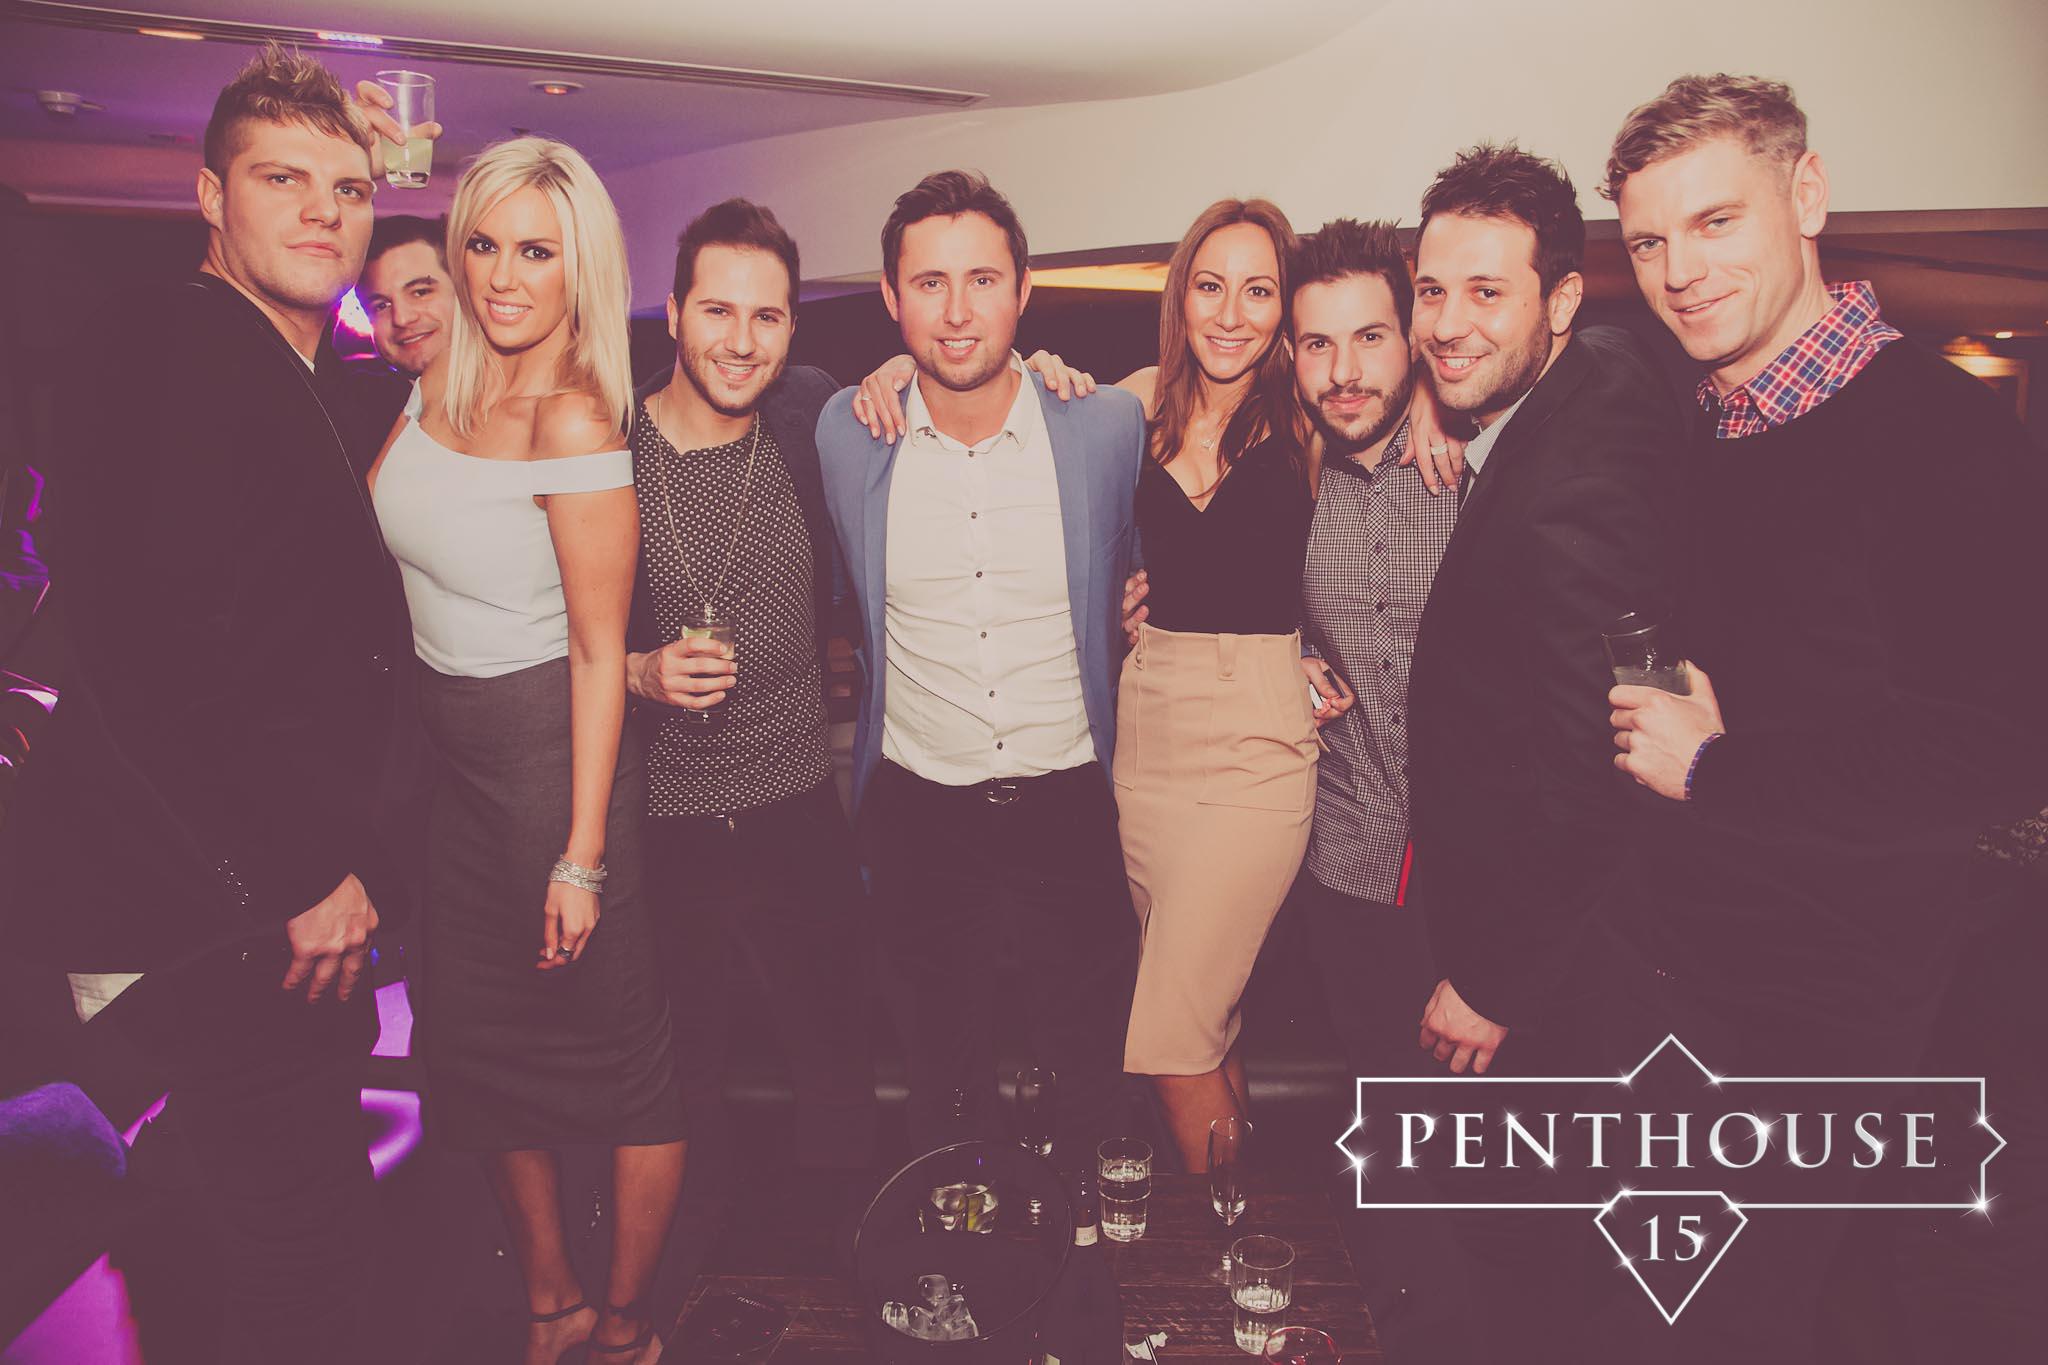 Penthouse_cream_0120.jpg